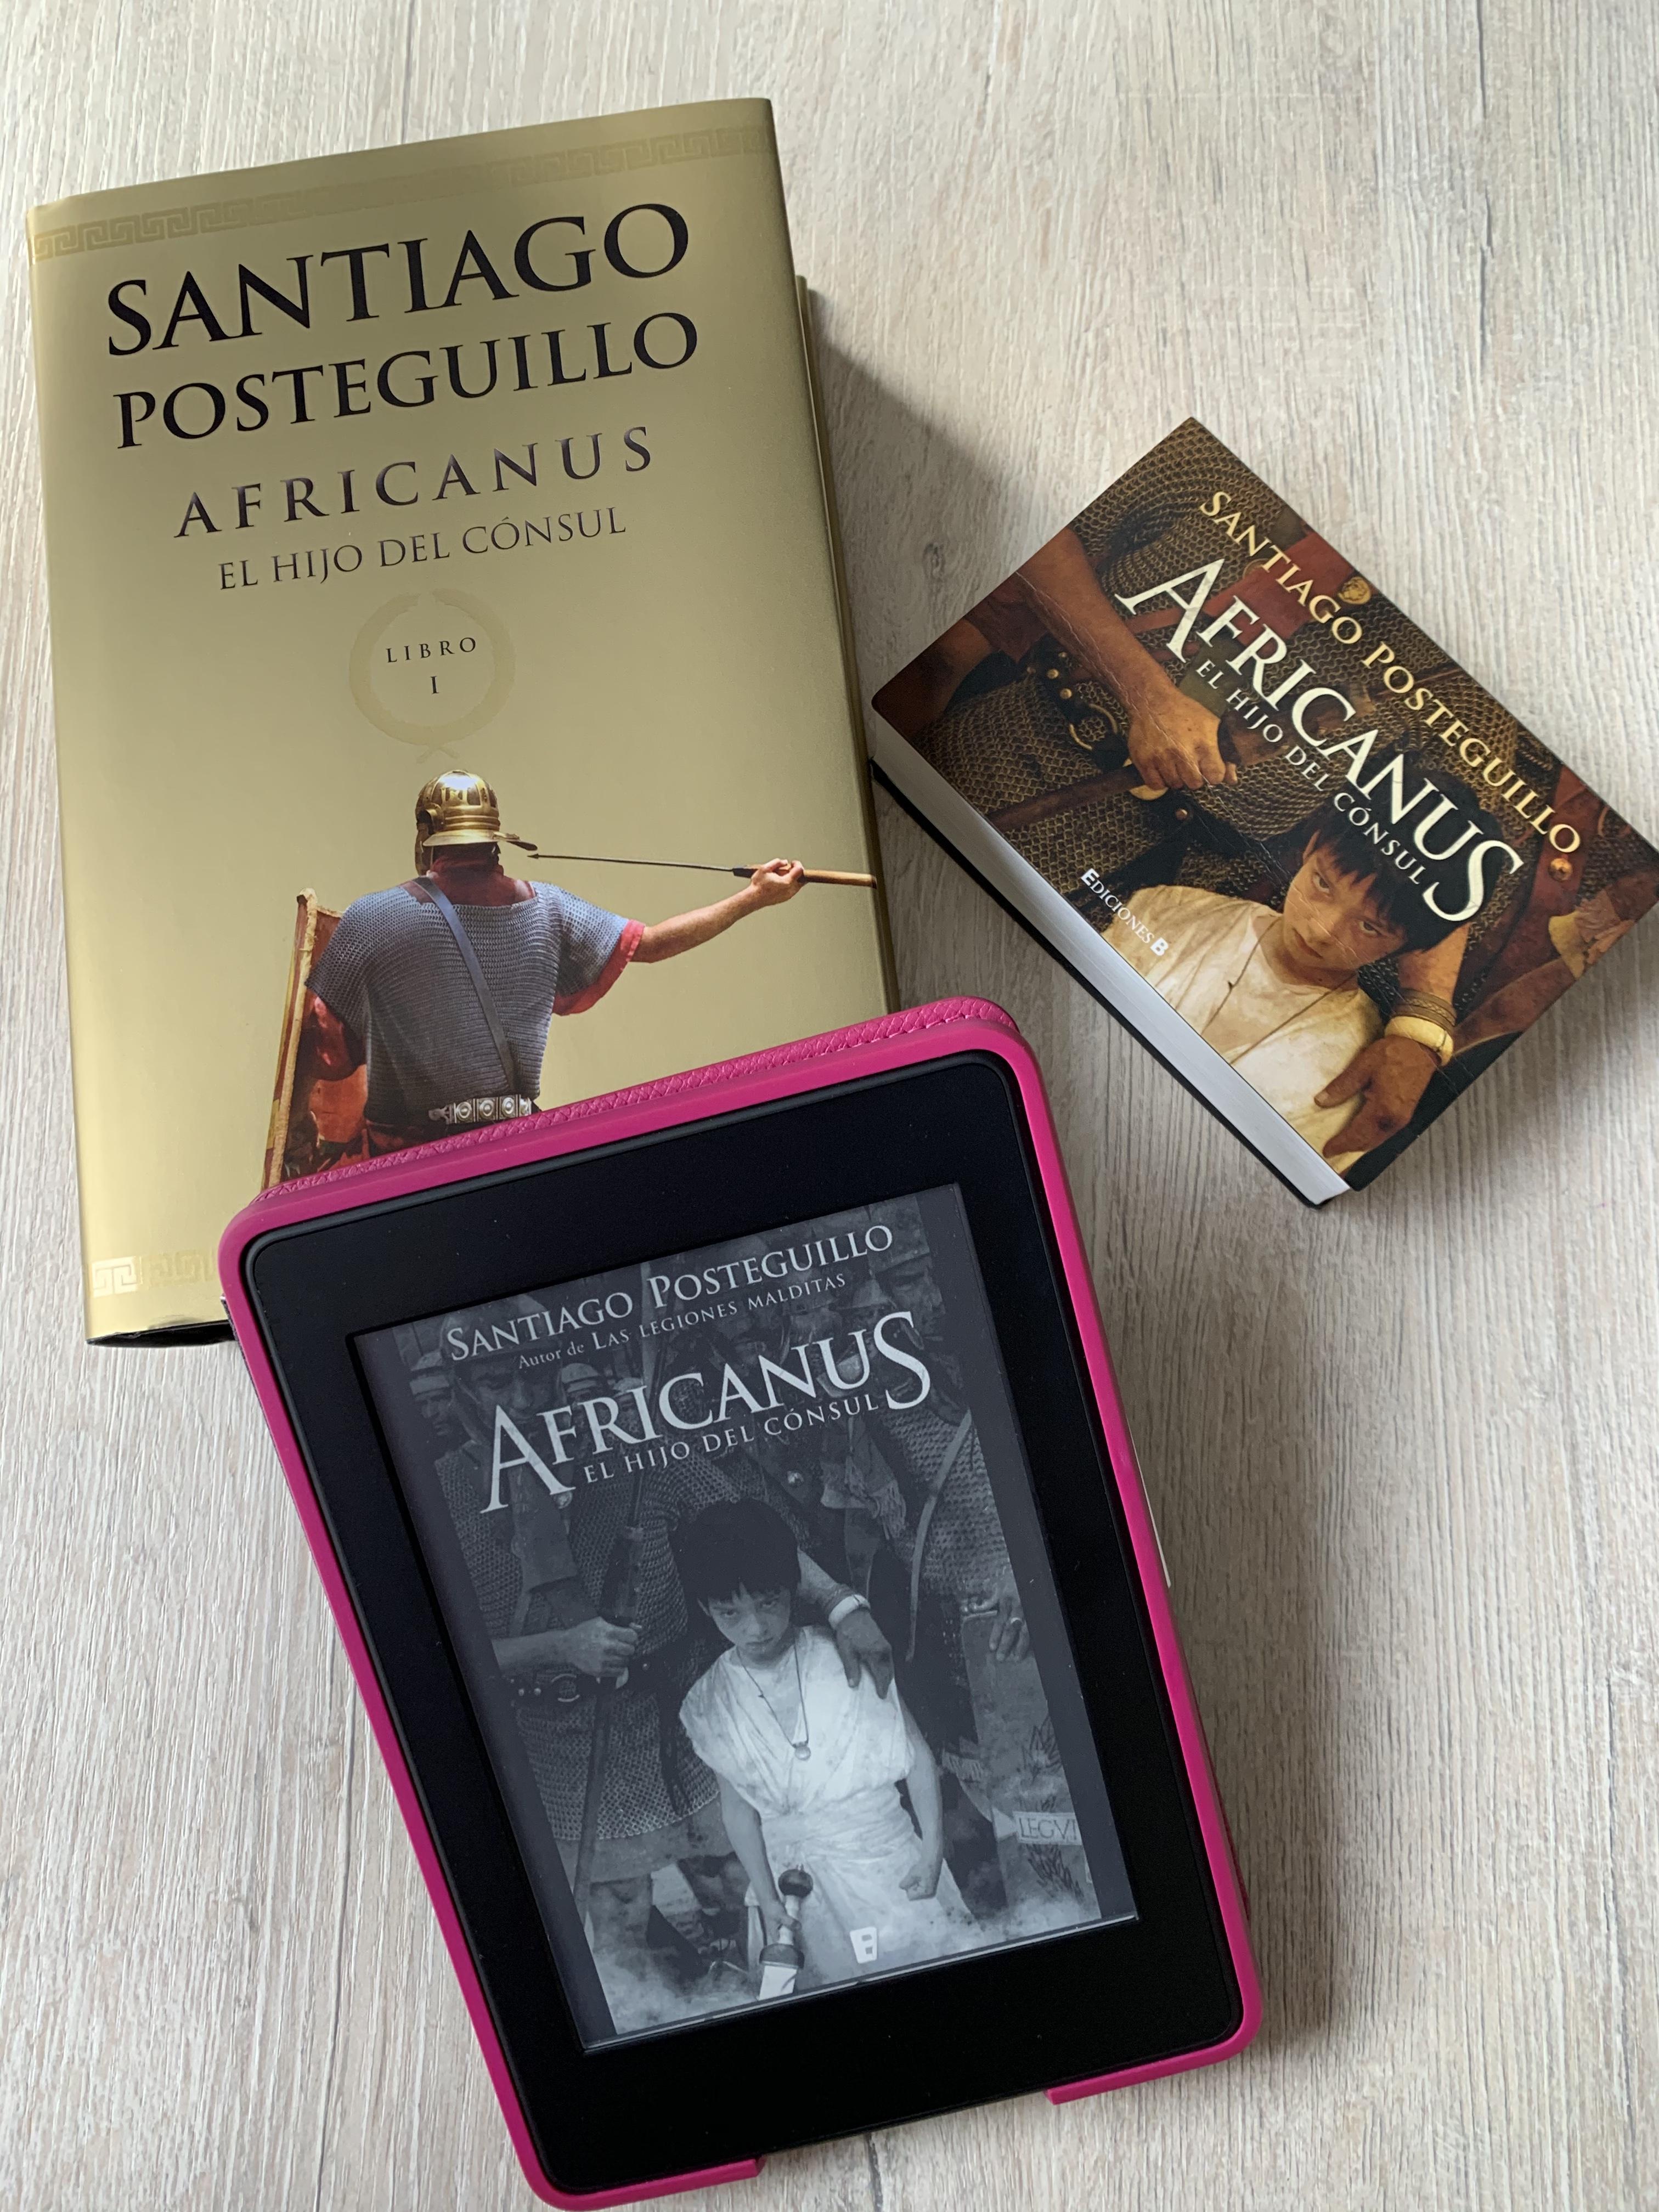 Libro Africanus: el hijo del cónsul de Santiago Posteguillo